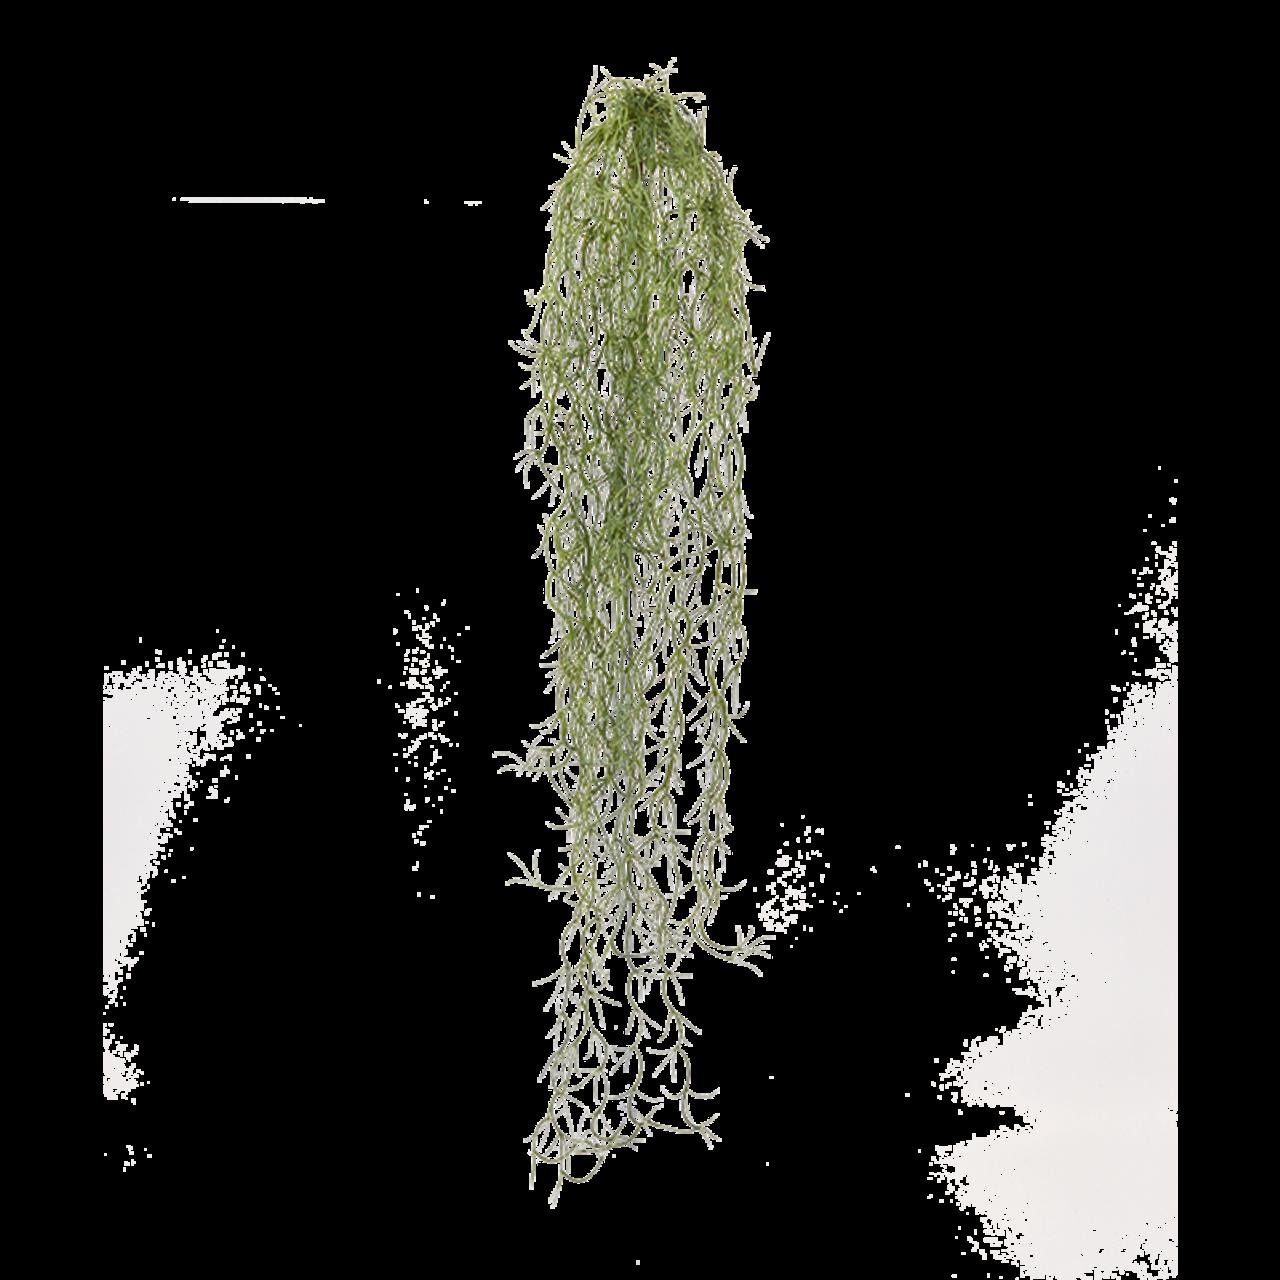 Tillandsia kunsthanger 75 cm